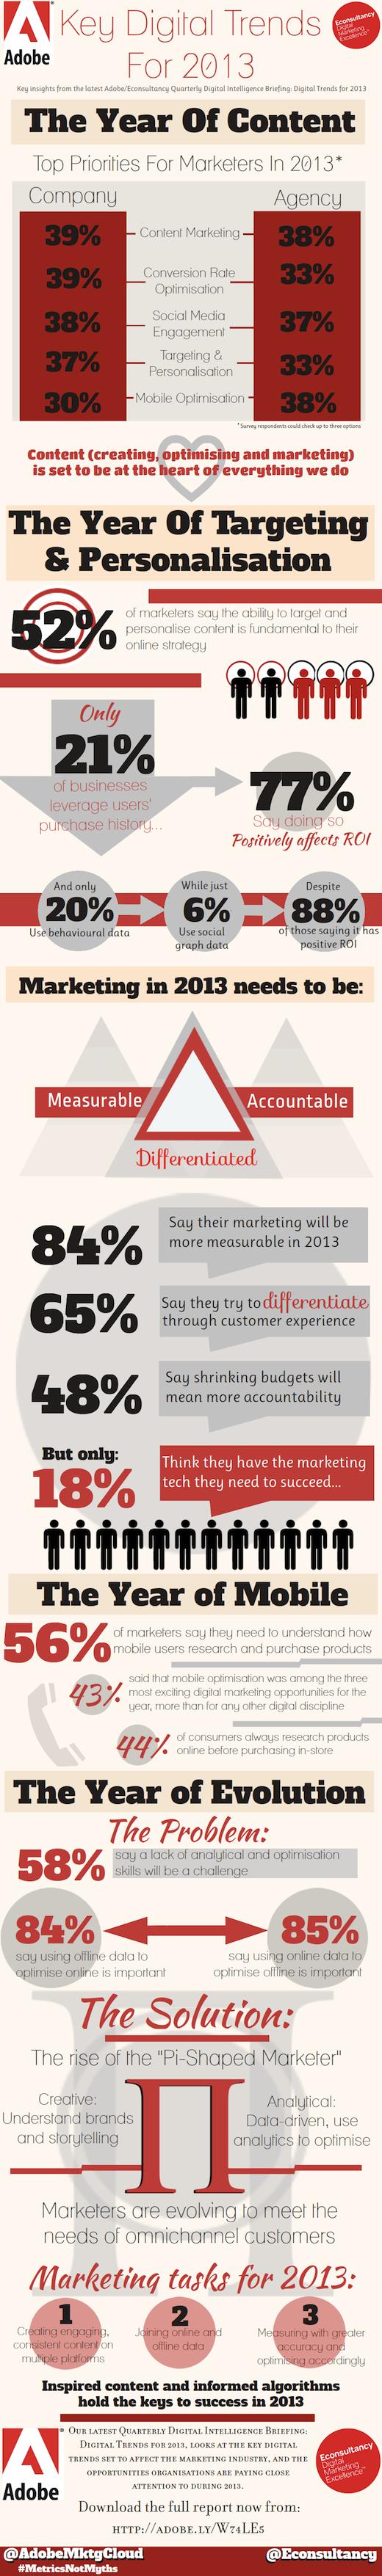 2013 digital marketing trends